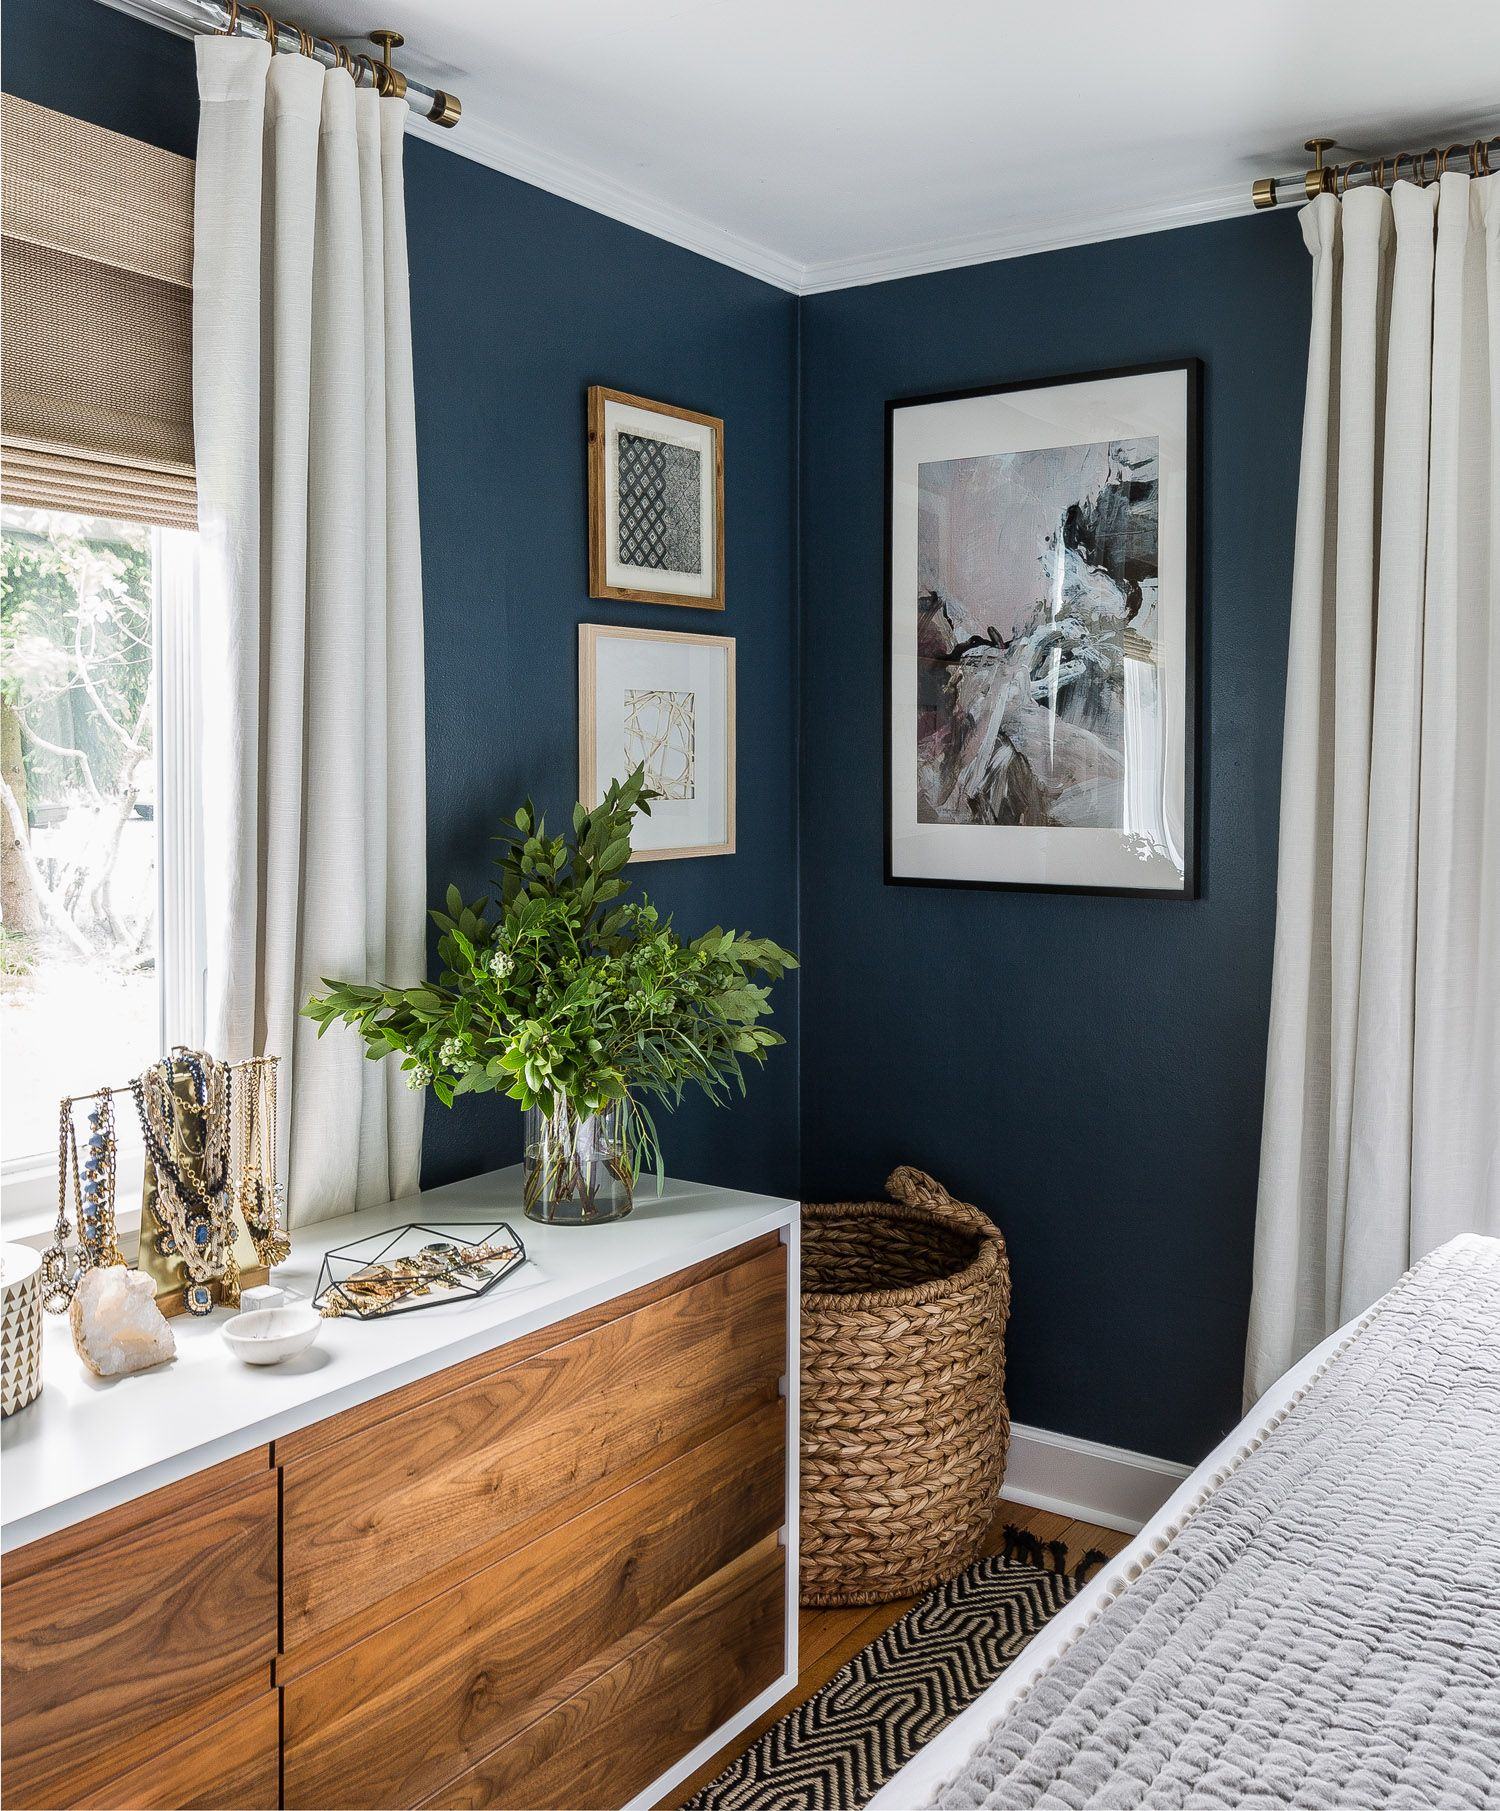 Fesselnd Blaue Wand Im Schlafzimmer   Inspiration